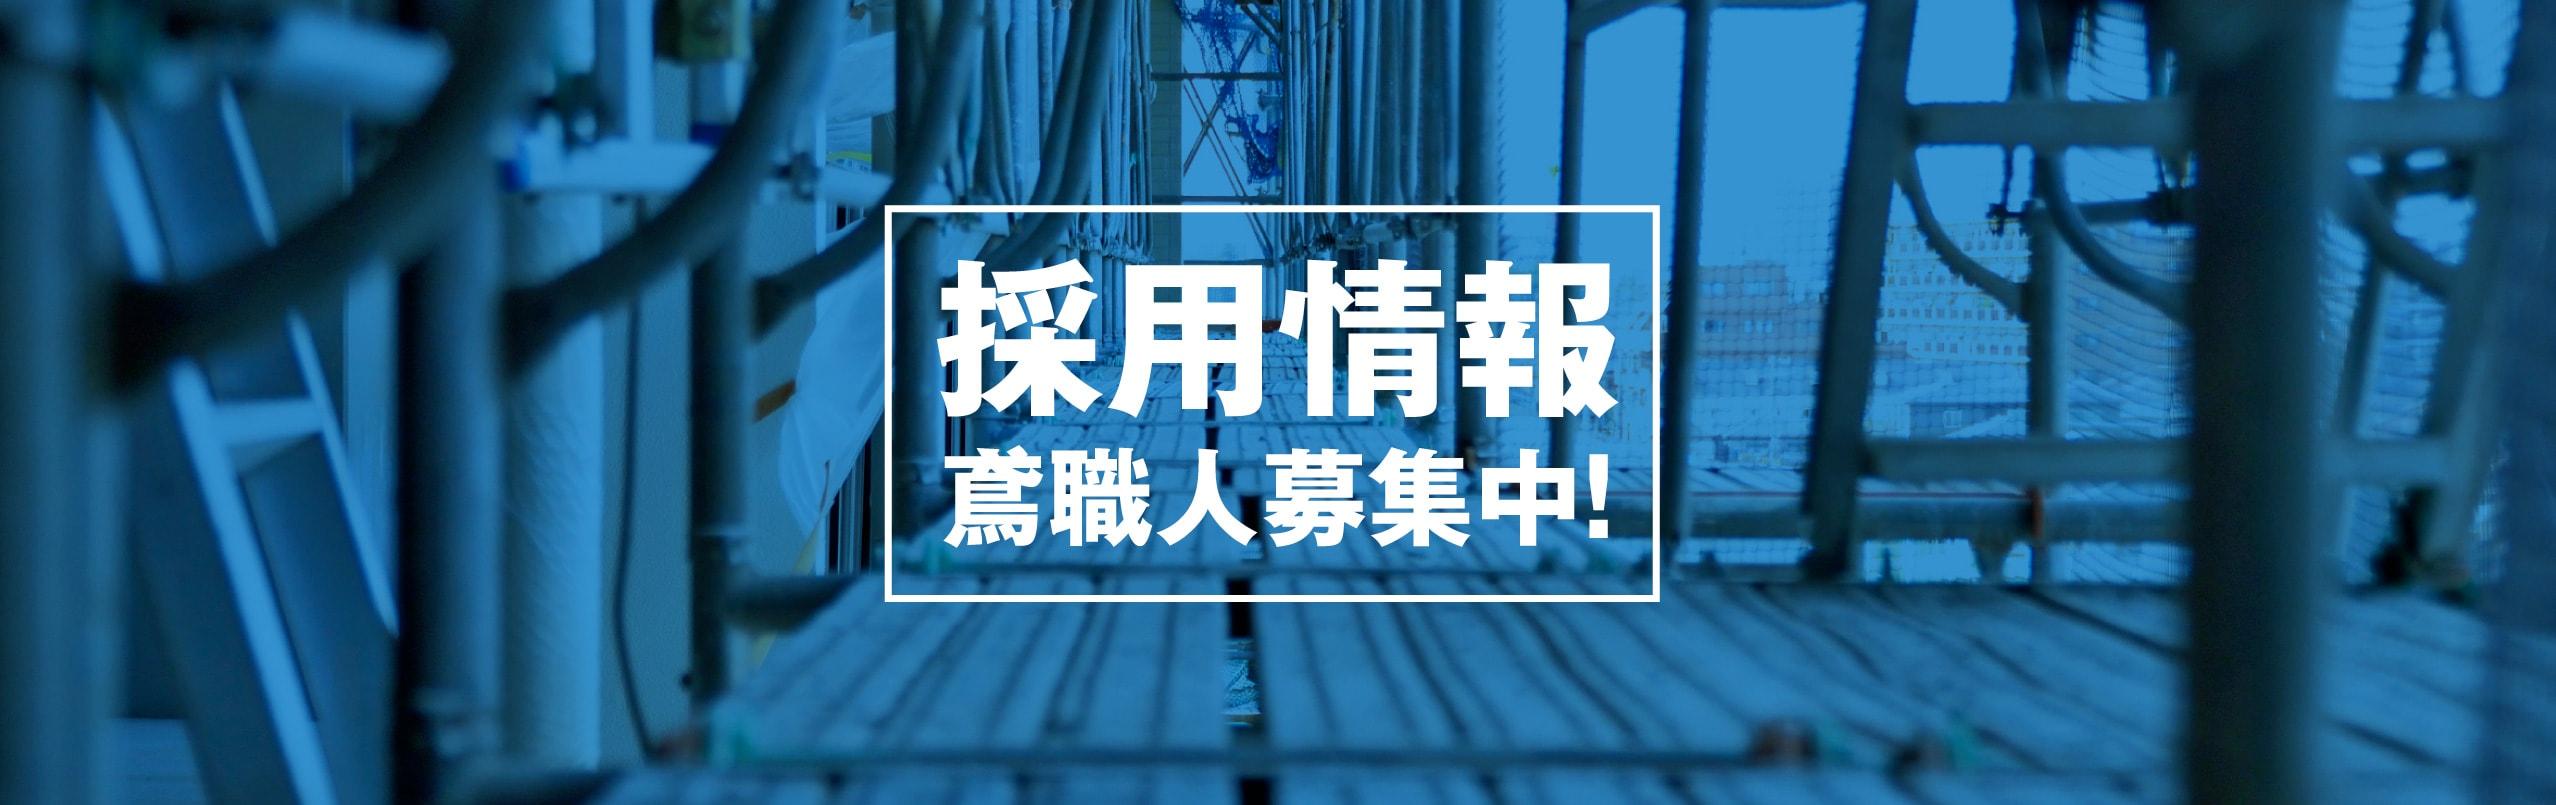 オフィスヒットが携わるのは、いずれも日本有数の高層建築や大型現場です。ここでは、知られざる現場の姿を紹介させていただきます。